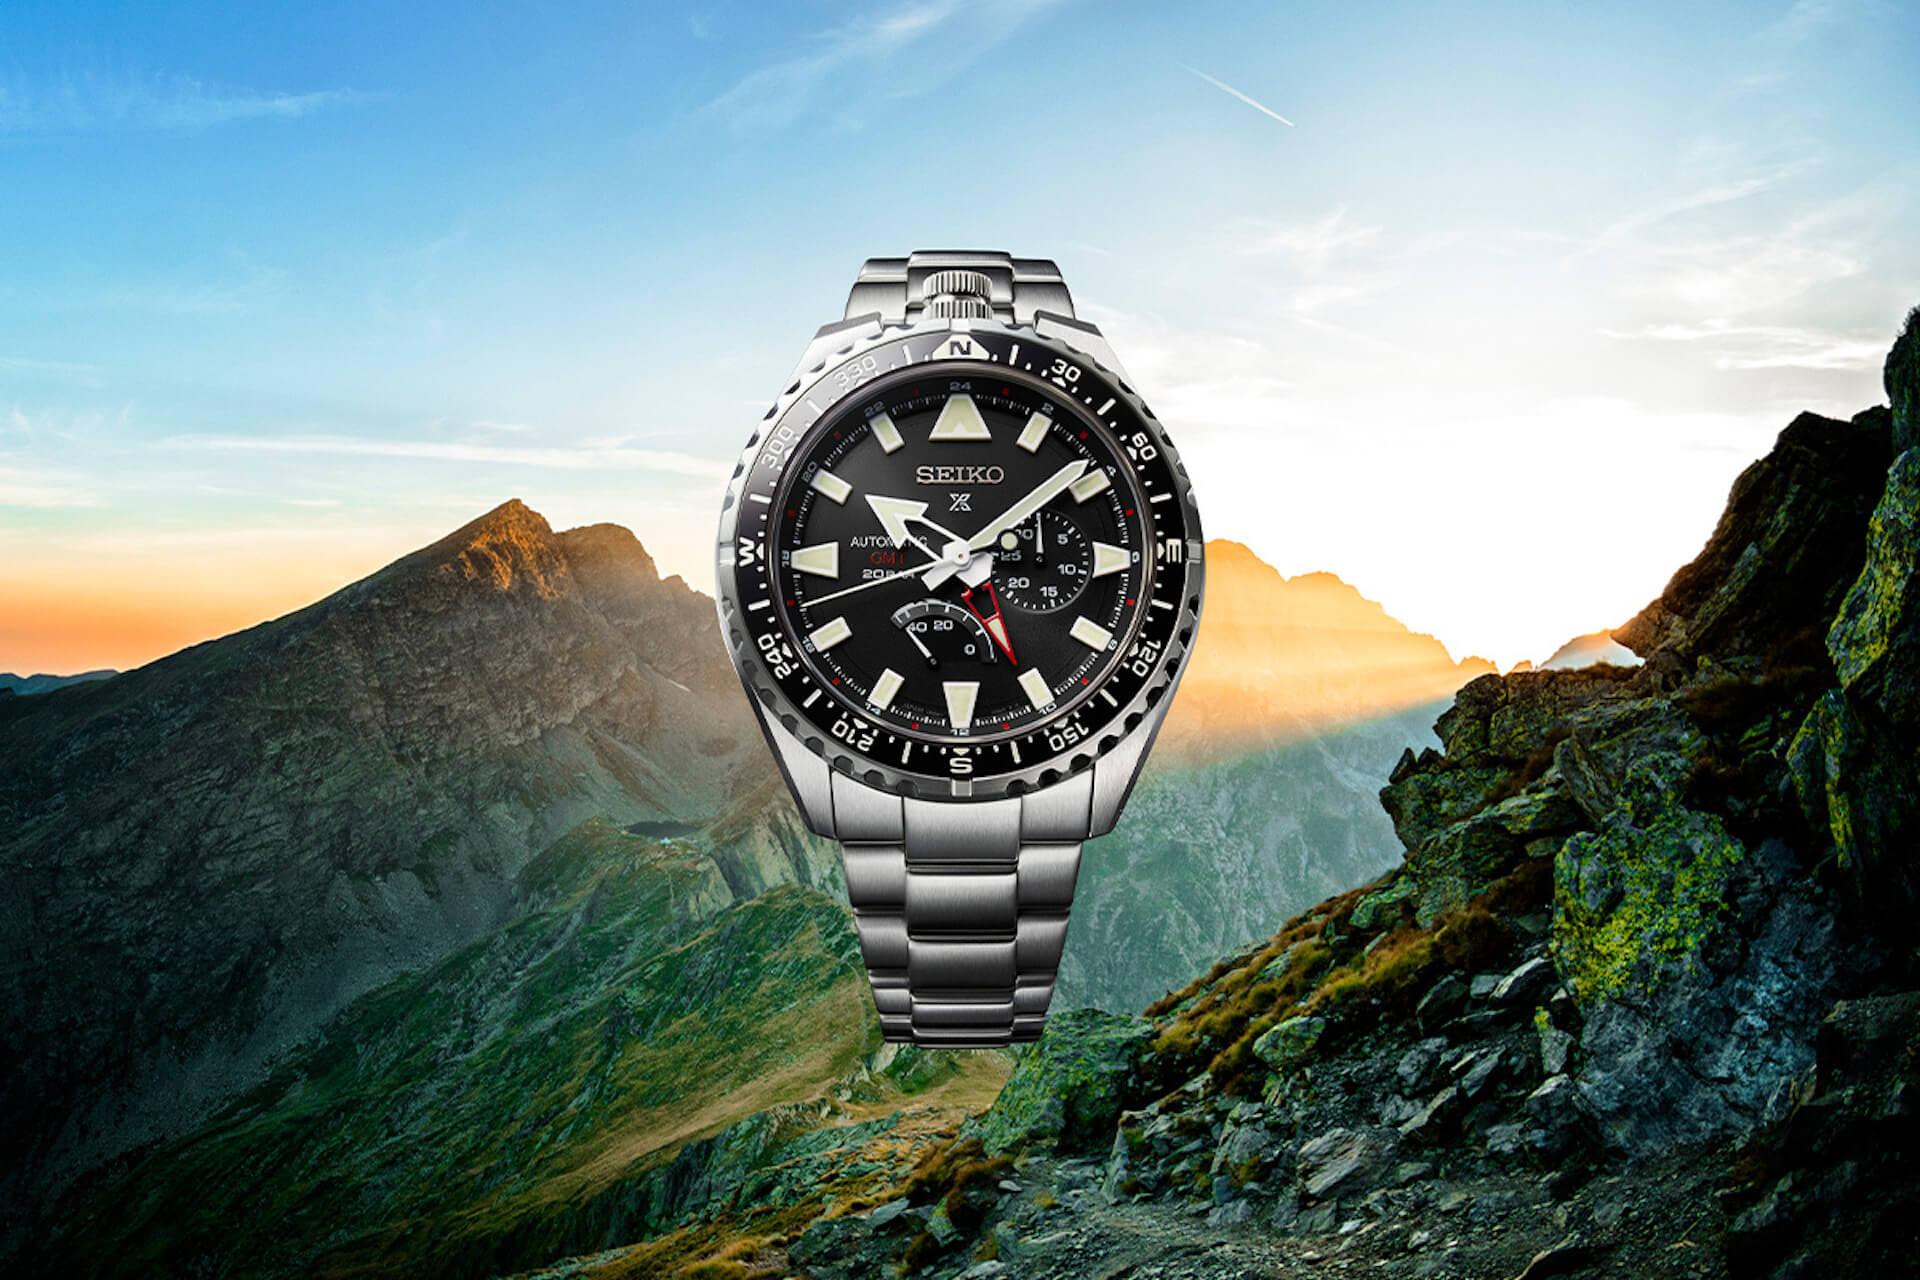 【おすすめメンズ腕時計10選】アウトドアからタウンユースまで!おしゃれで高性能な最新アウトドア・リストウォッチ特集 tech191226_jeep_watch_1